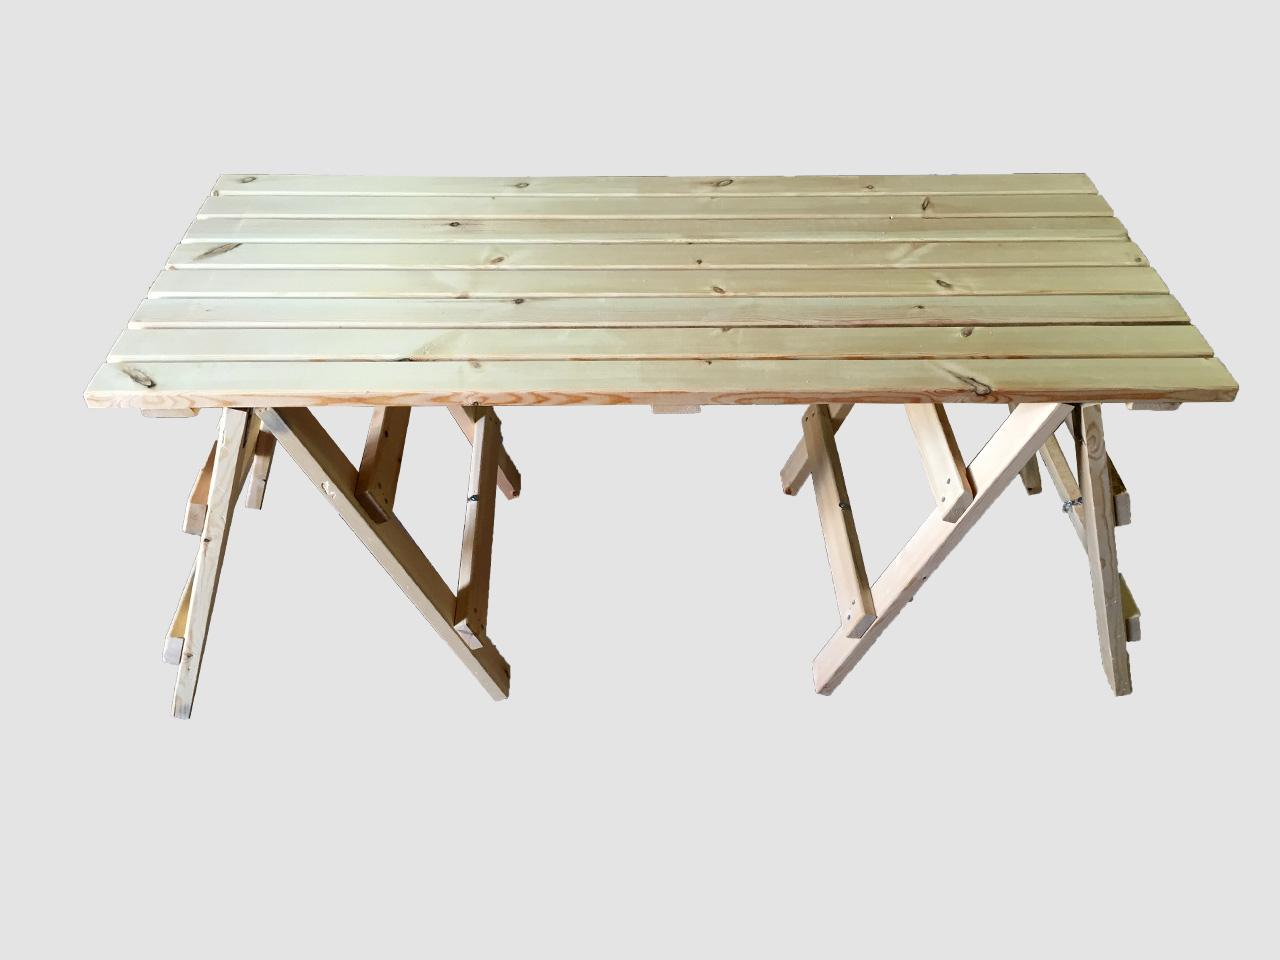 ξυλινο τραπεζι με αποσπομενη βαση